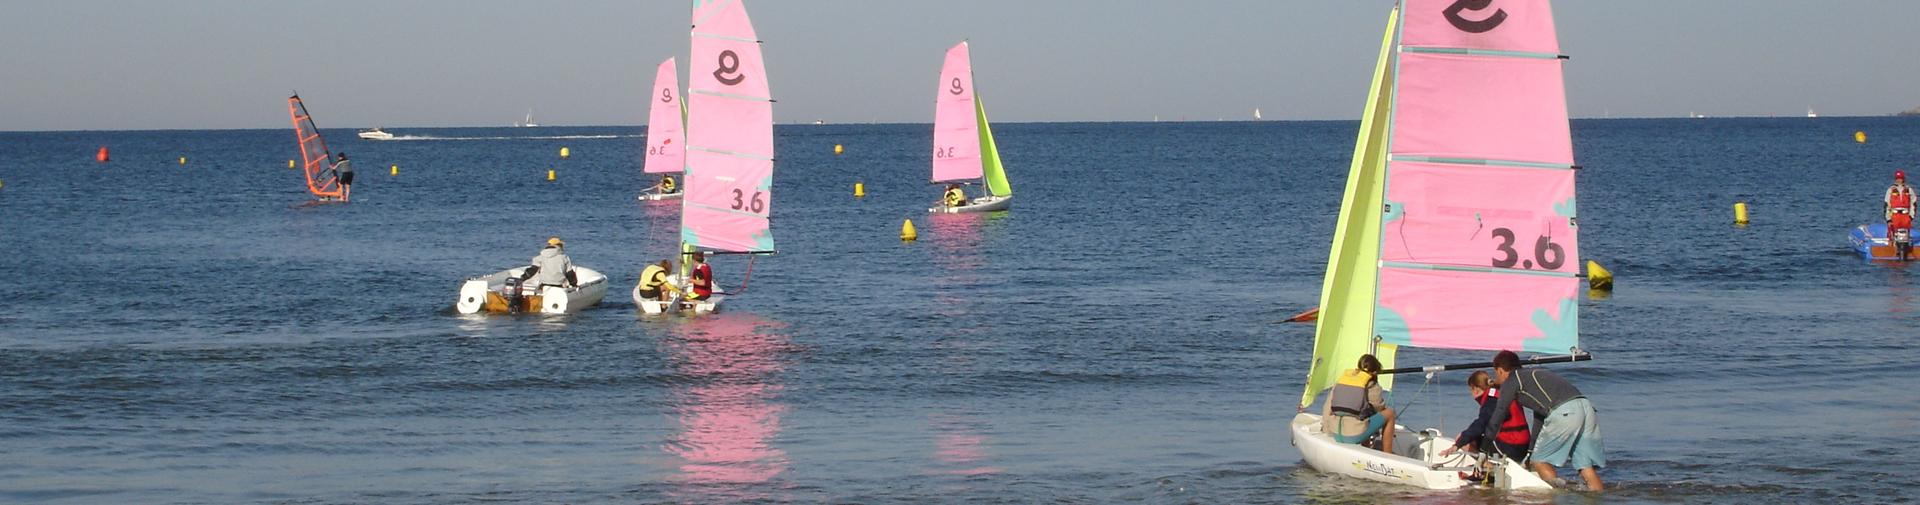 sports-natiques-oleron-nautisme-cmt17-c-triballier-2